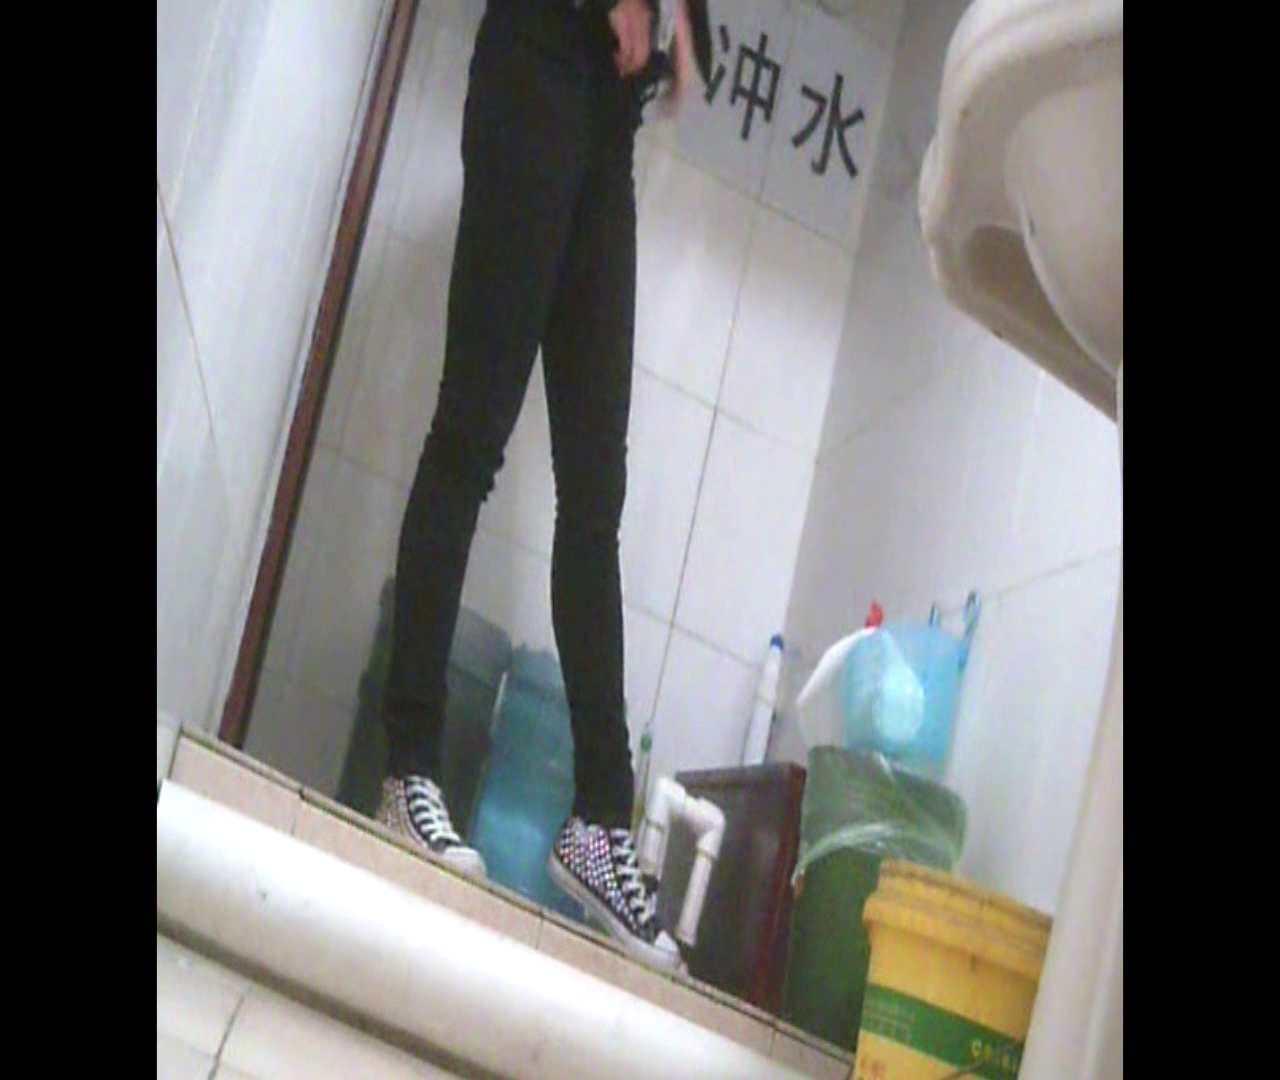 Vol.05 ズボンをはく時の左足! 洗面所 隠し撮りおまんこ動画流出 28pic 20